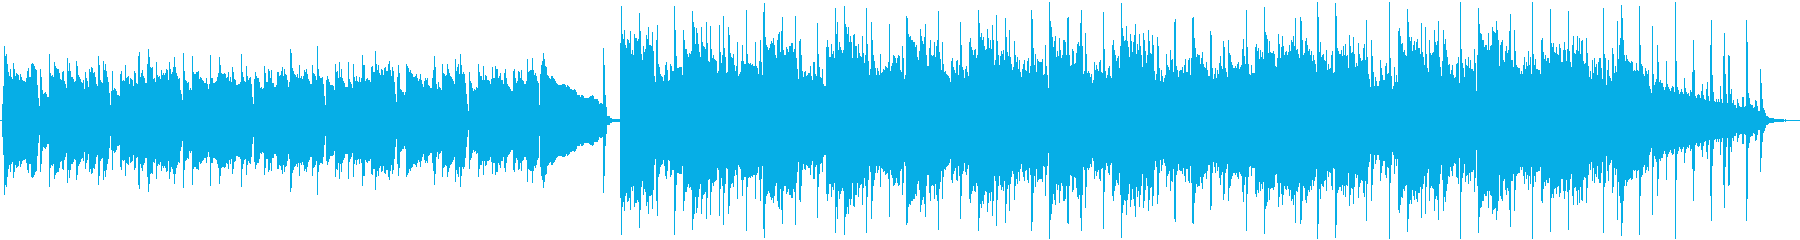 企業VP 爽やかなアコギとピアノ 60秒の再生済みの波形